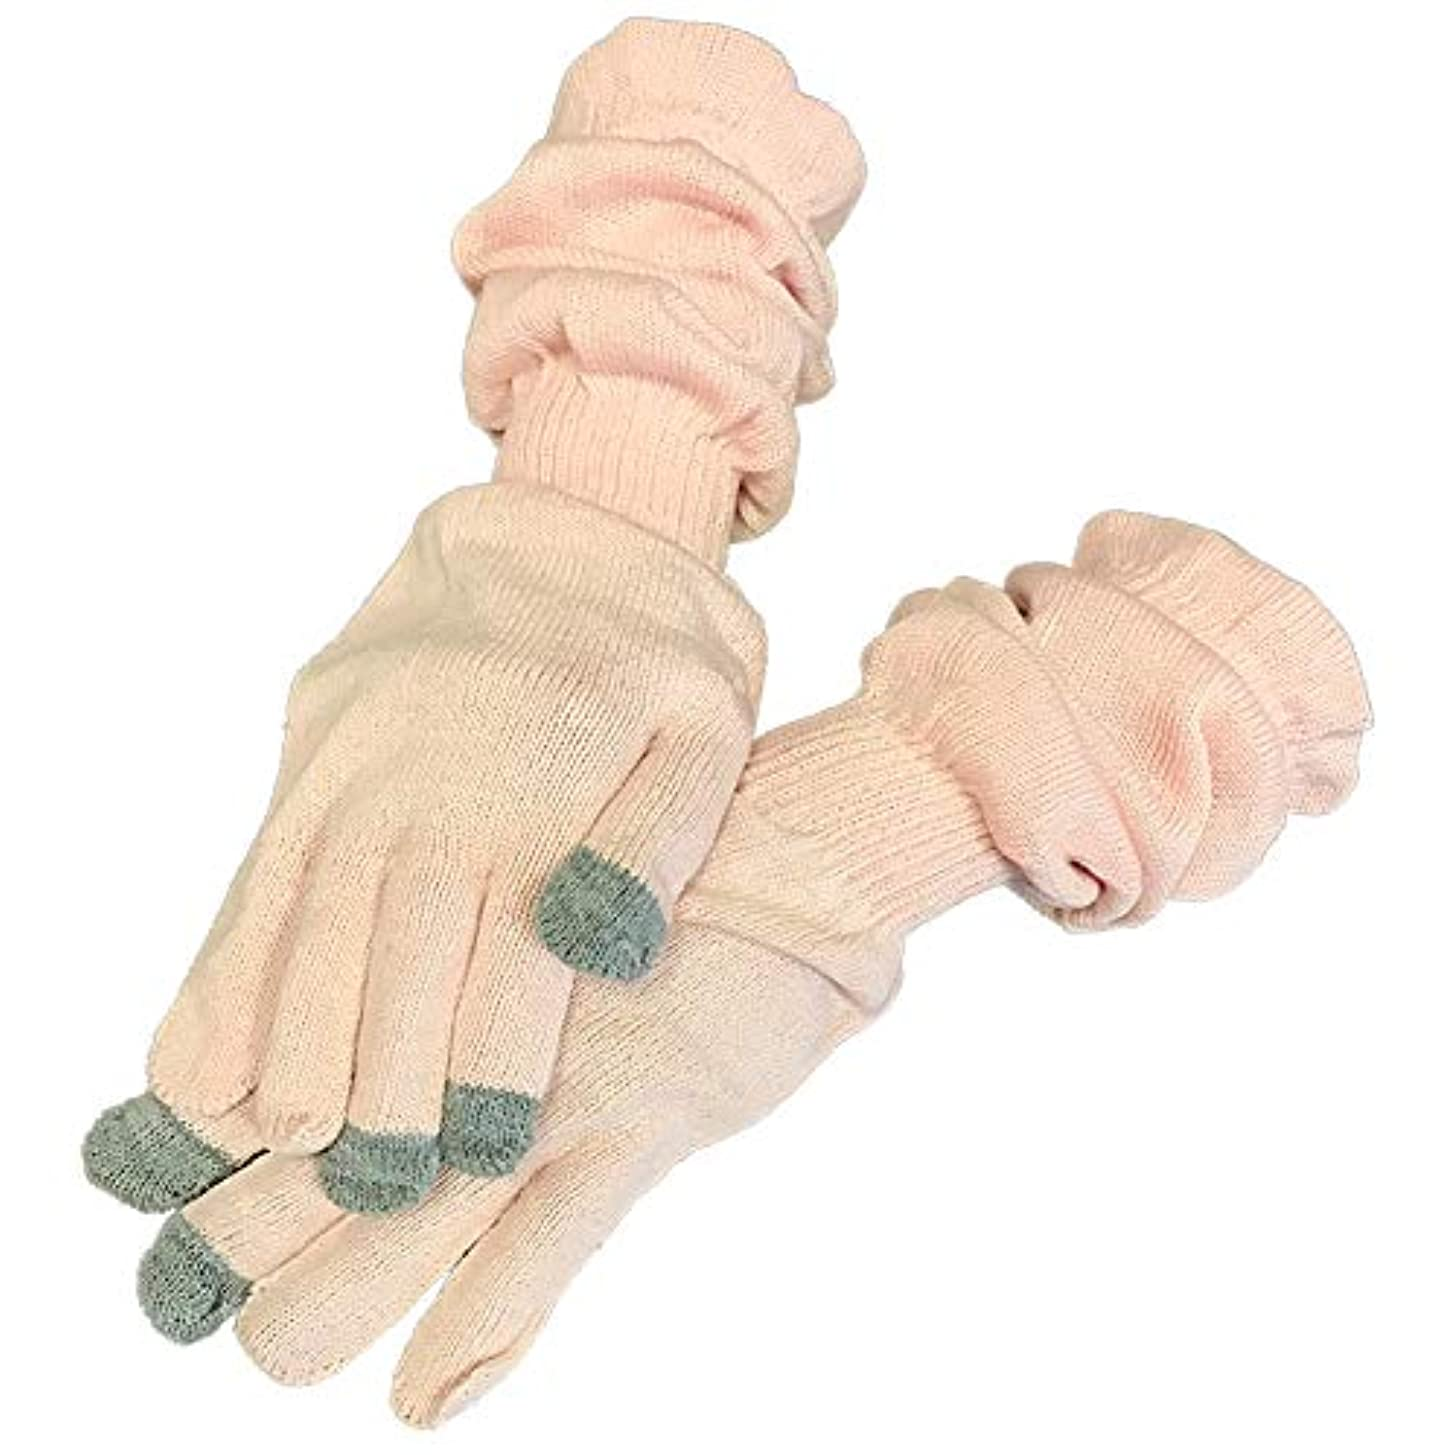 ブロックスポット意味する手袋 手 カサカサ ハンドケア 乾燥 手荒れ シルク コットン 防止 予防 対策 保湿 就寝用 寝るとき スマホ スマホOK おやすみ レディース